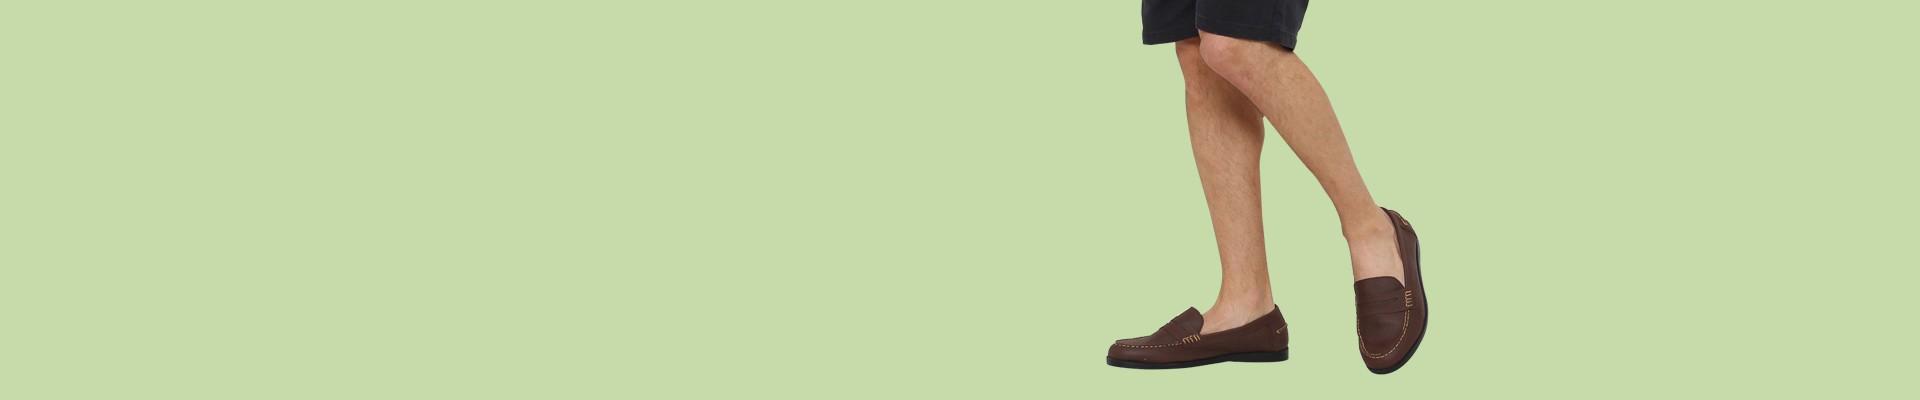 Jual Loafers Pria - Beli Loafers Model Terbaru